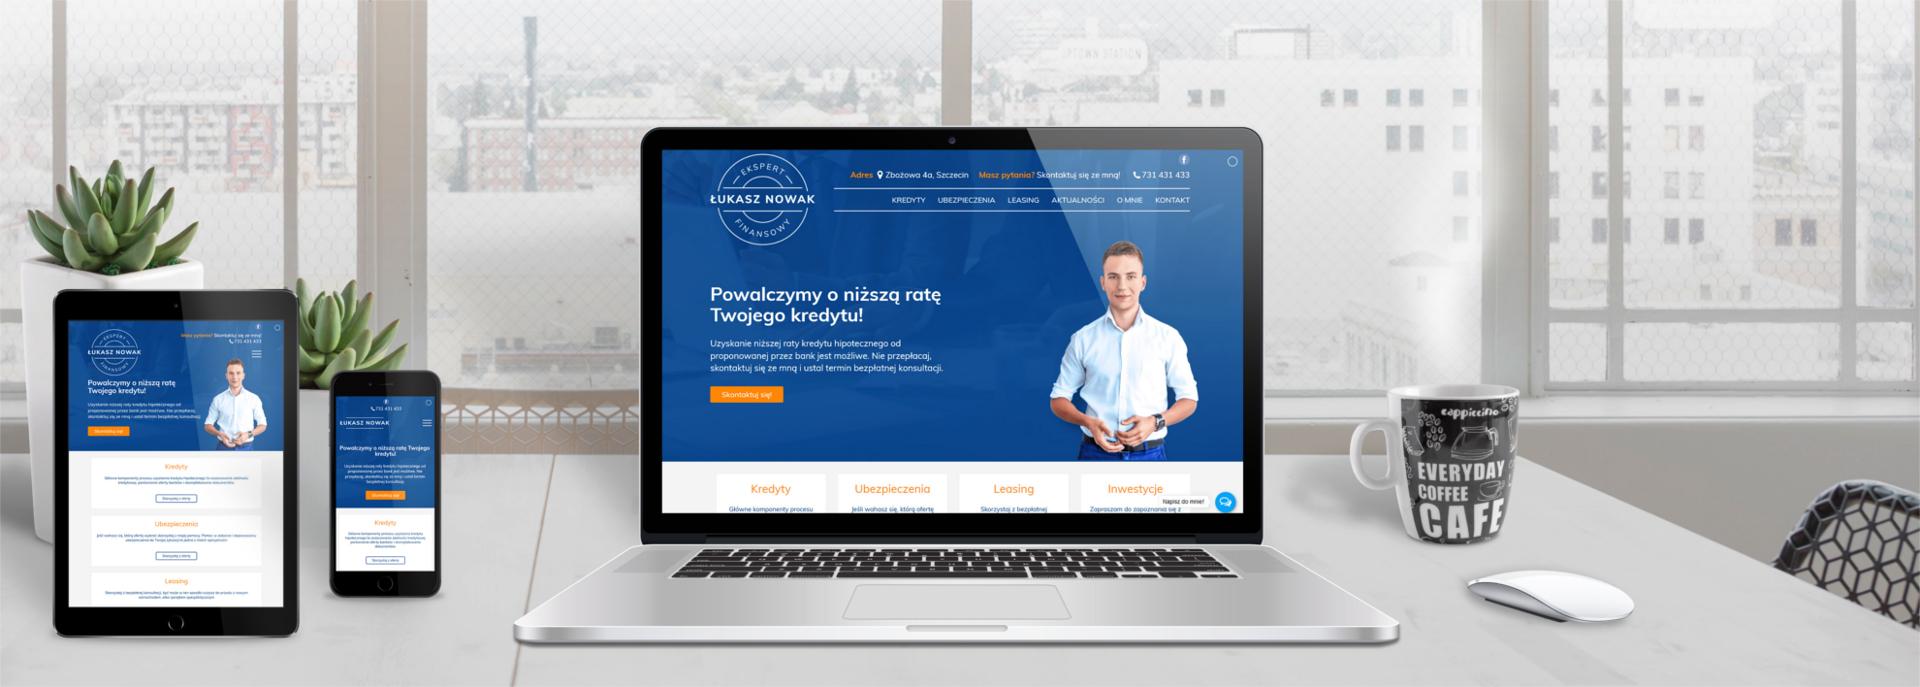 Strona internetowa dla eksperta finansowego Łukasza Nowaka